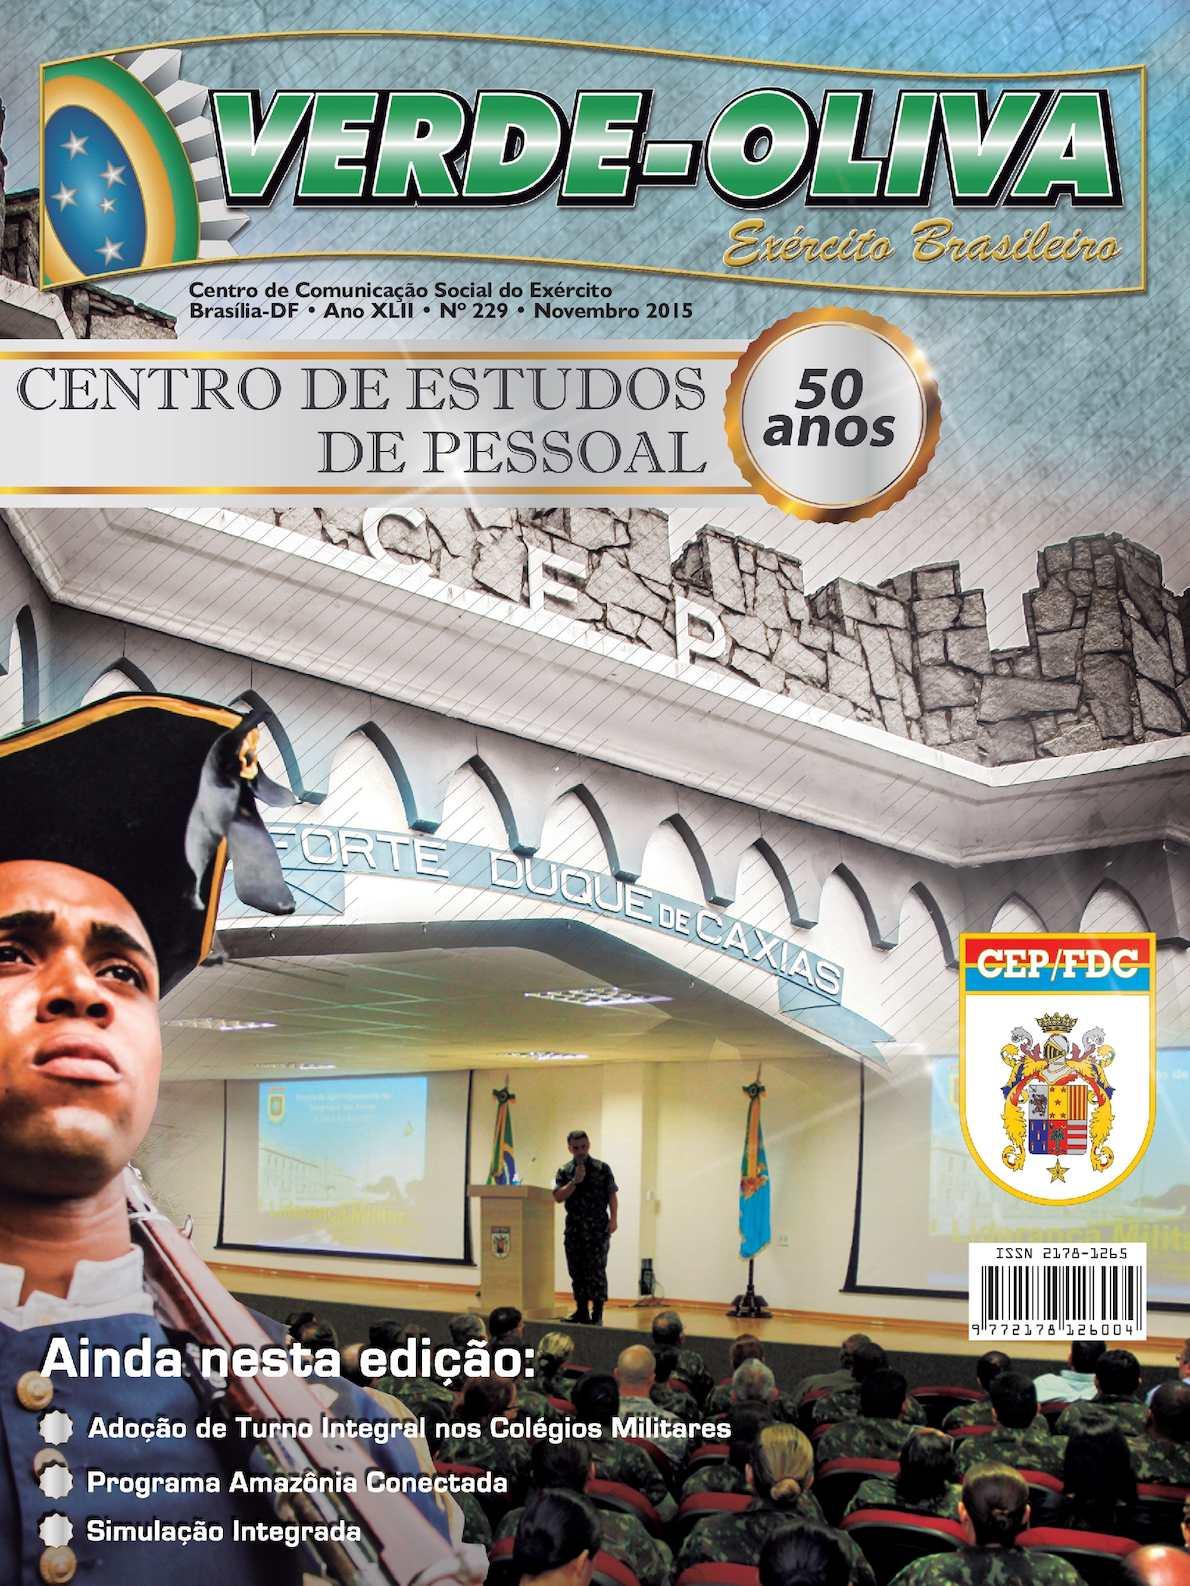 f559ea34b2494 Calaméo - Revista Verde-Oliva nº 229